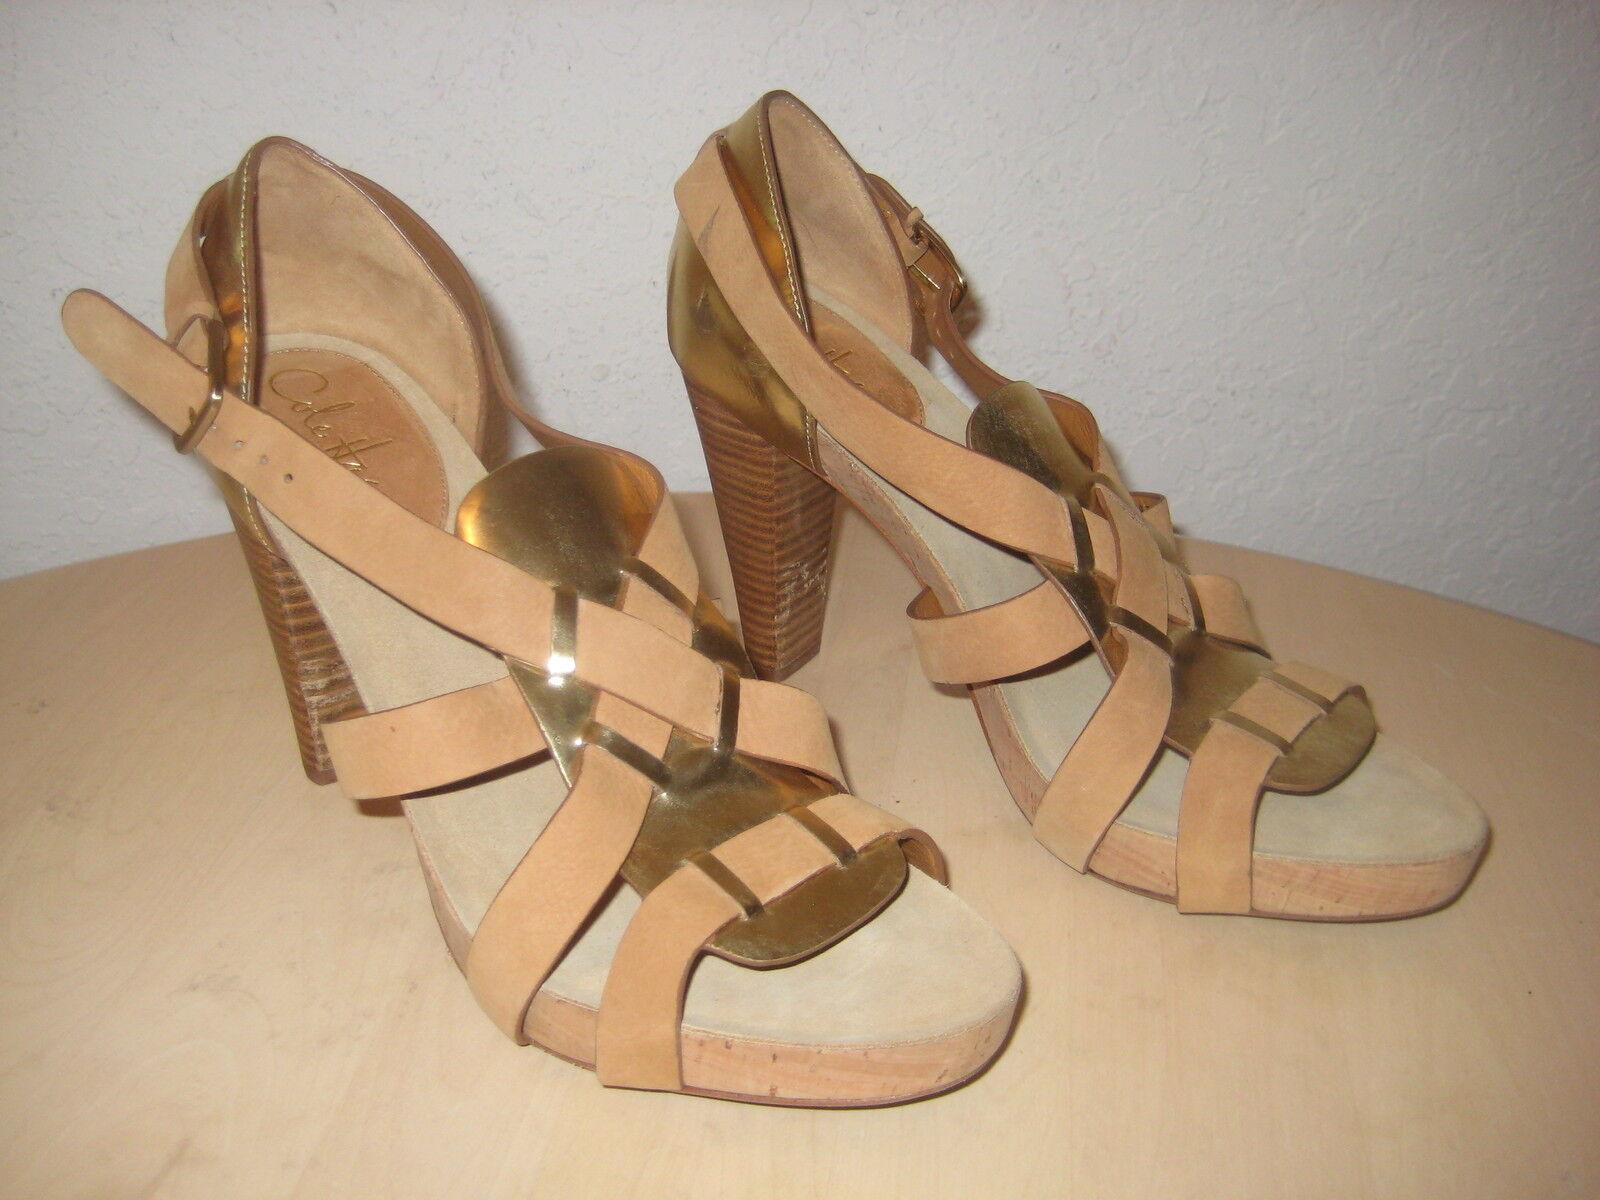 Cole Haan Schuhes Größe 10 M Damenschuhe NEU Gold Braun Strappy Open Toe Heels NWOB